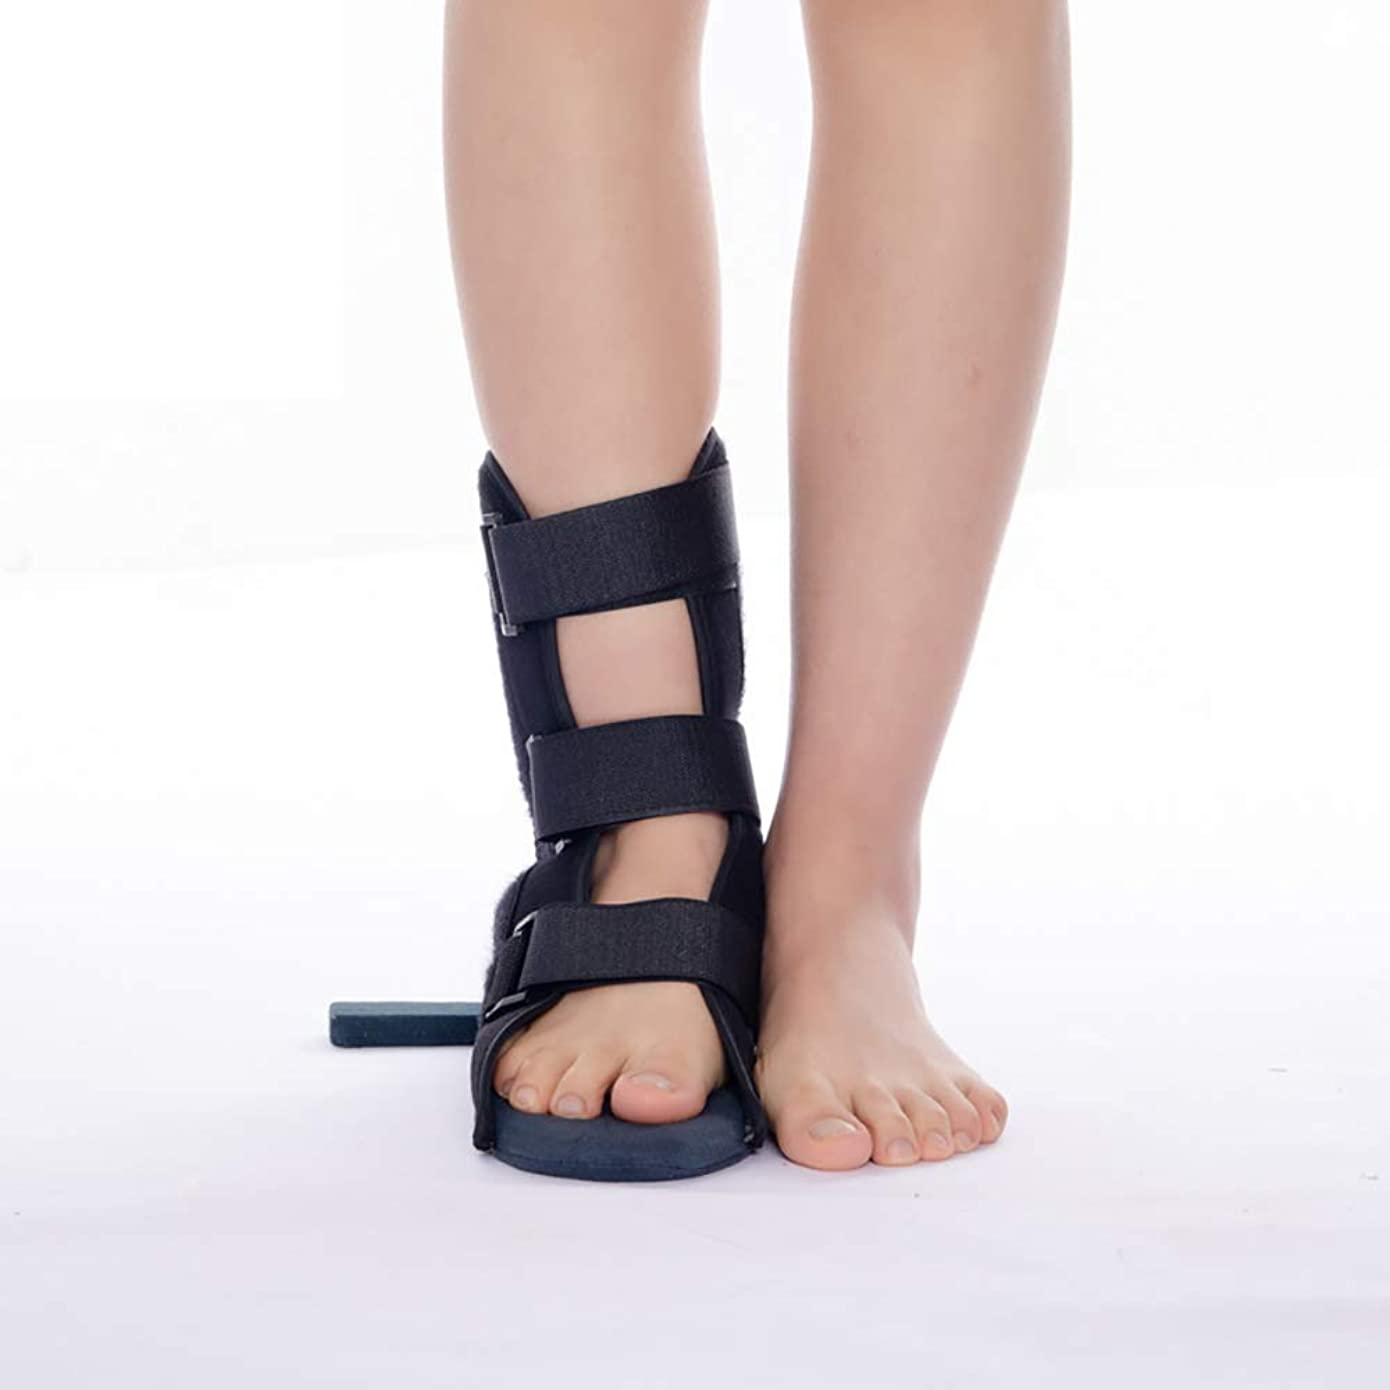 フィードバック占める順応性足固定整形外科用靴足ブレースサポート回転防止足首捻挫スタビライザーブーツ用足首関節捻挫骨折リハビリテーション